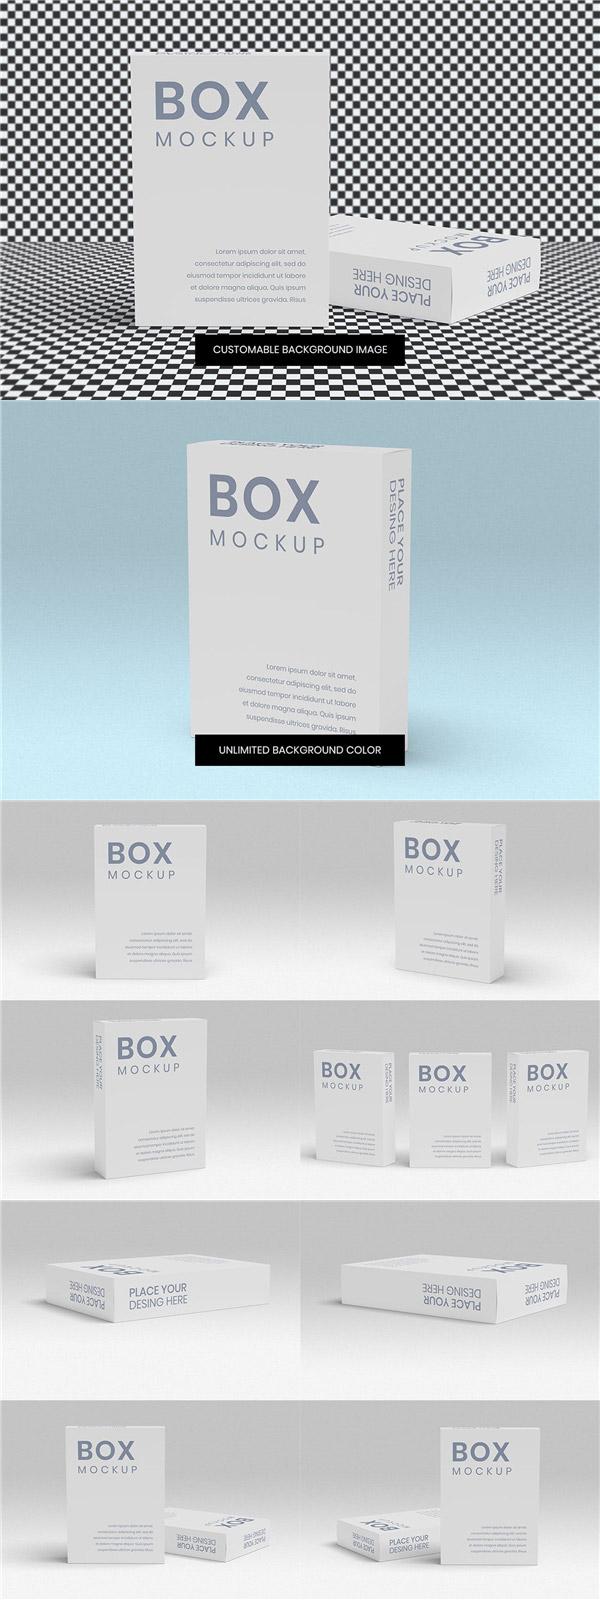 软件包装盒样机